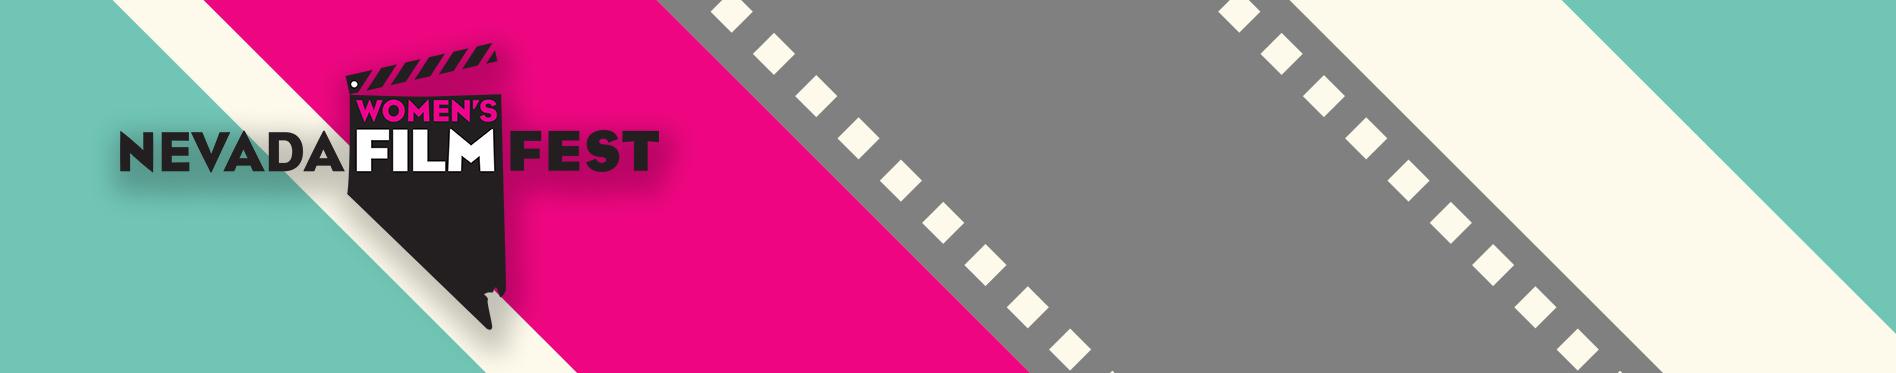 Nevada Women's Film Festival 2020